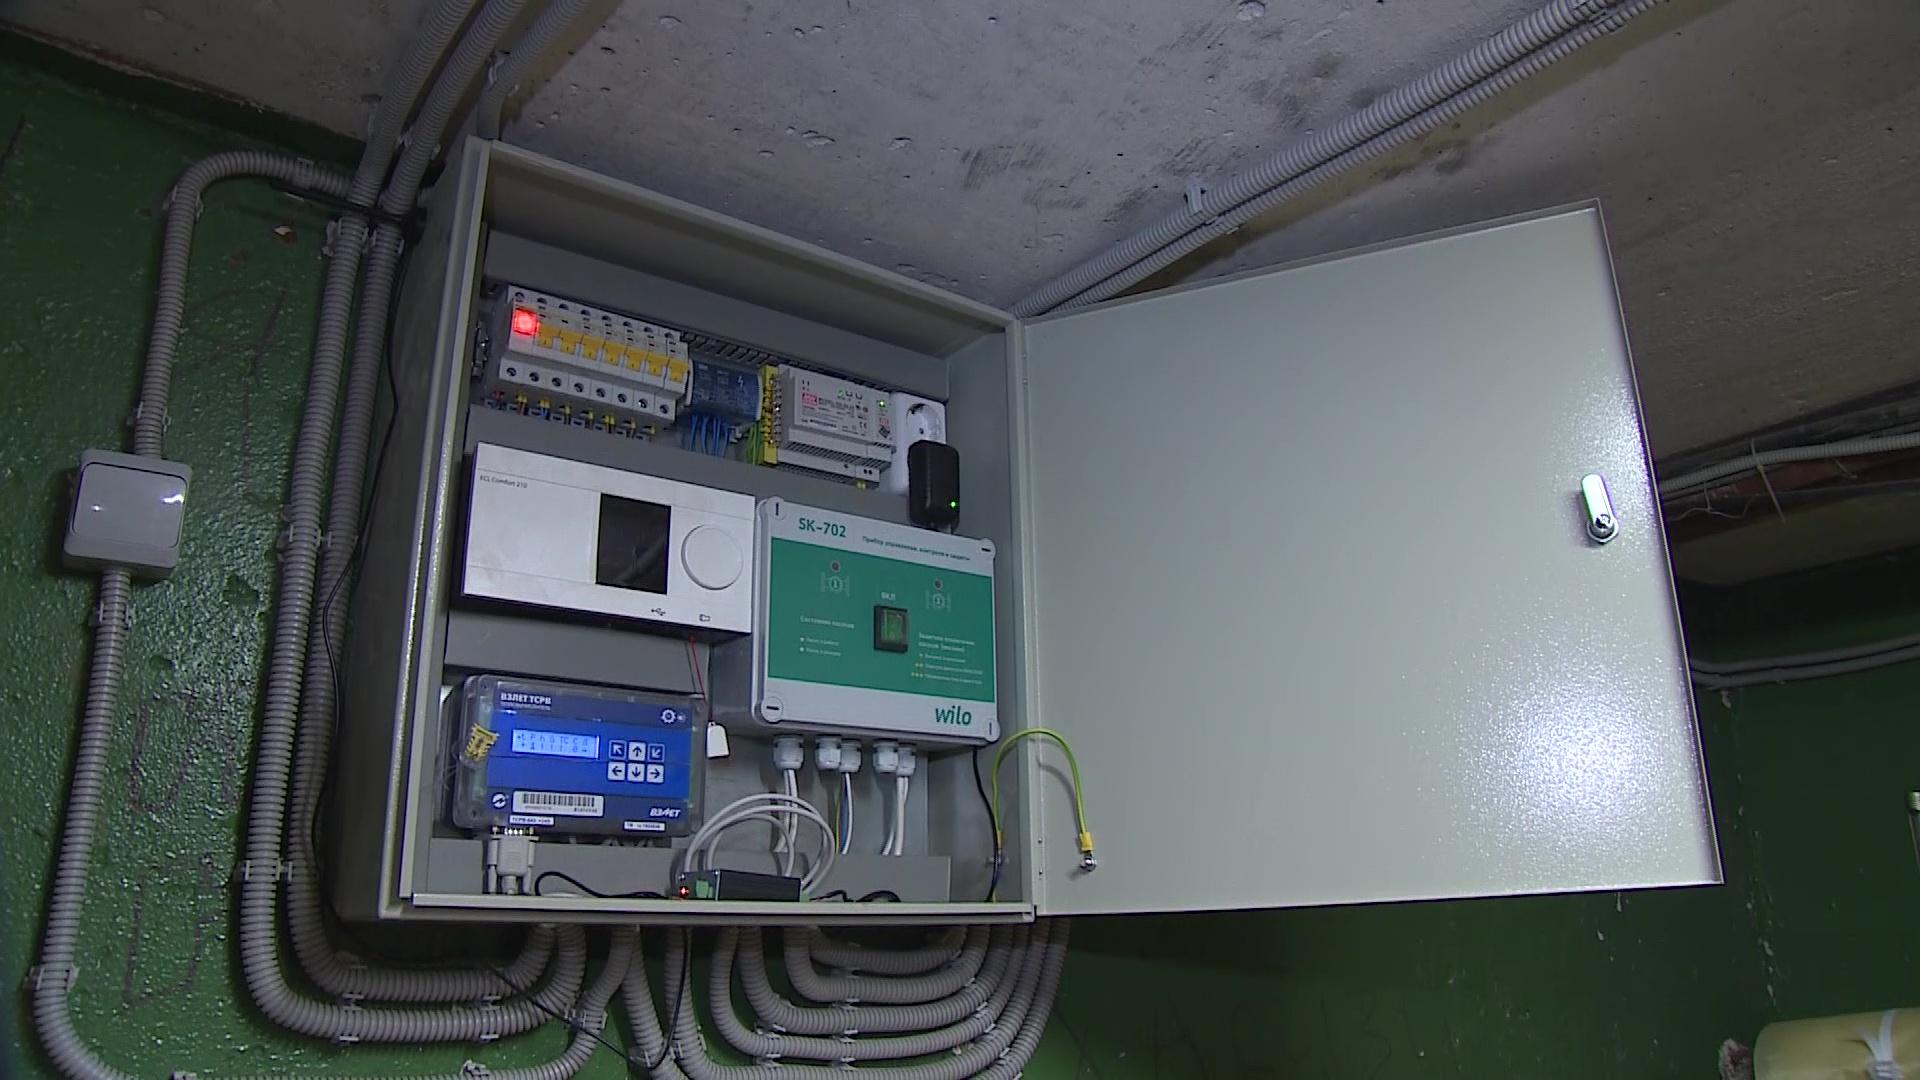 Жильцы ярославских домов экономят на отоплении благодаря умной системе регулирования